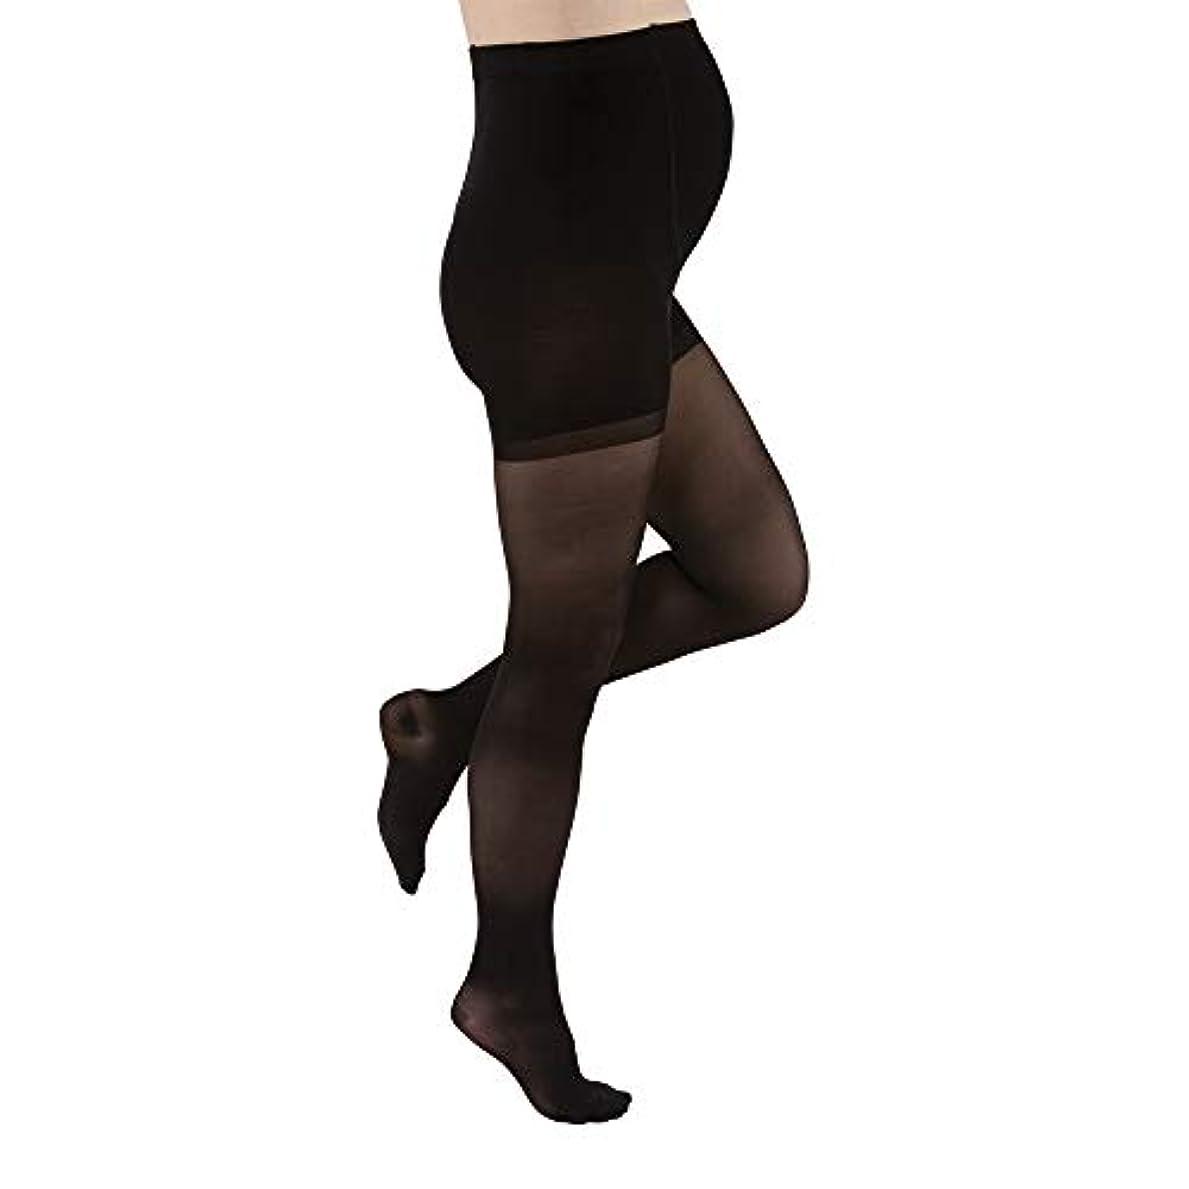 屋内でバスタブトリッキーJobst 121617 Ultrasheer Maternity Pantyhose 20-30 mmHg Firm Support - Size & Color- Classic Black X-Large